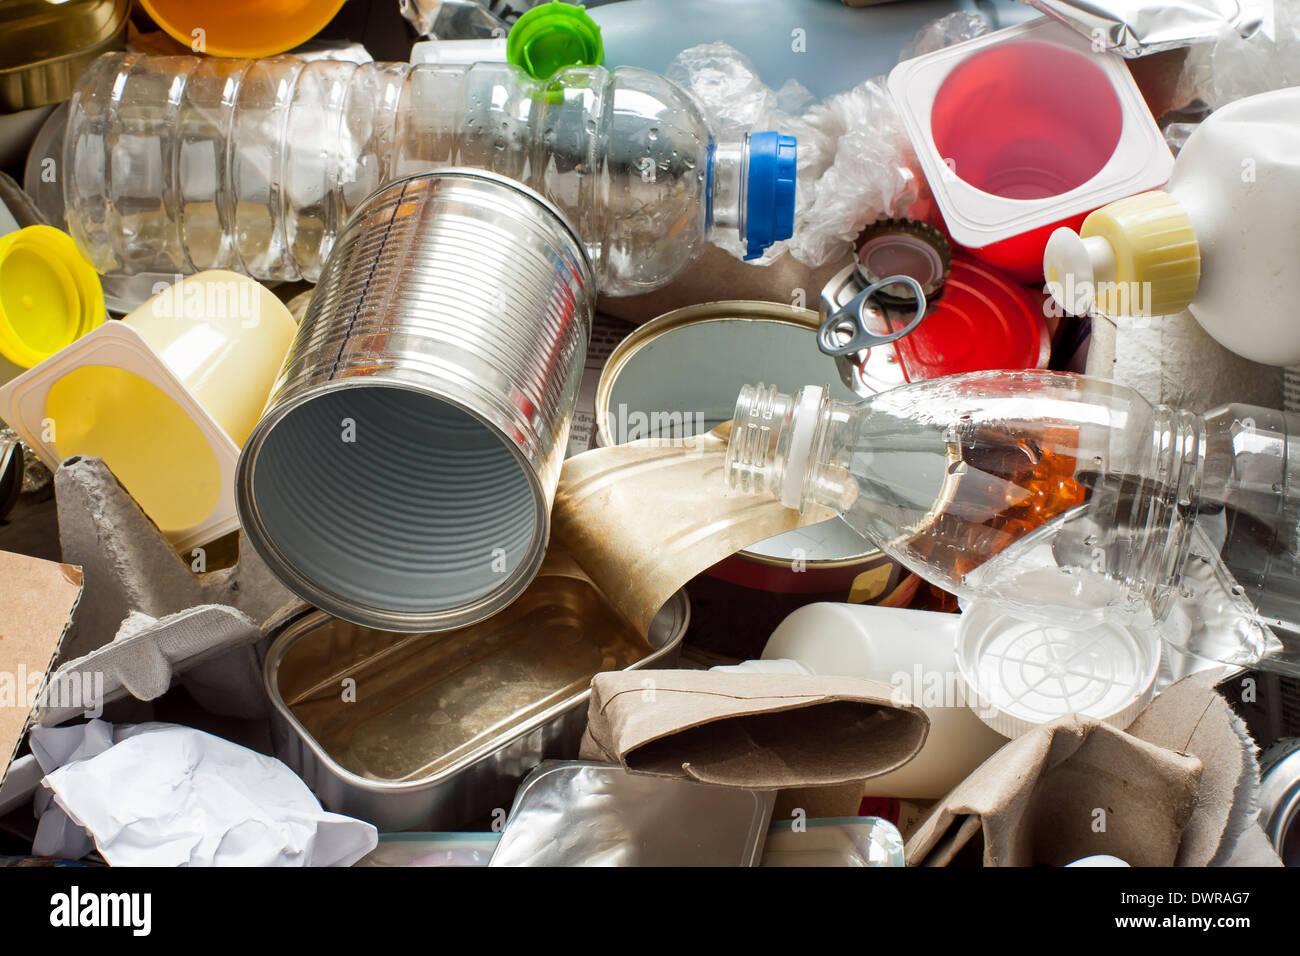 Riciclaggio rifiuti riutilizzabili e gestione dei rifiuti come metallo, plastica, vecchi prodotti di carta per essere riutilizzati Immagini Stock